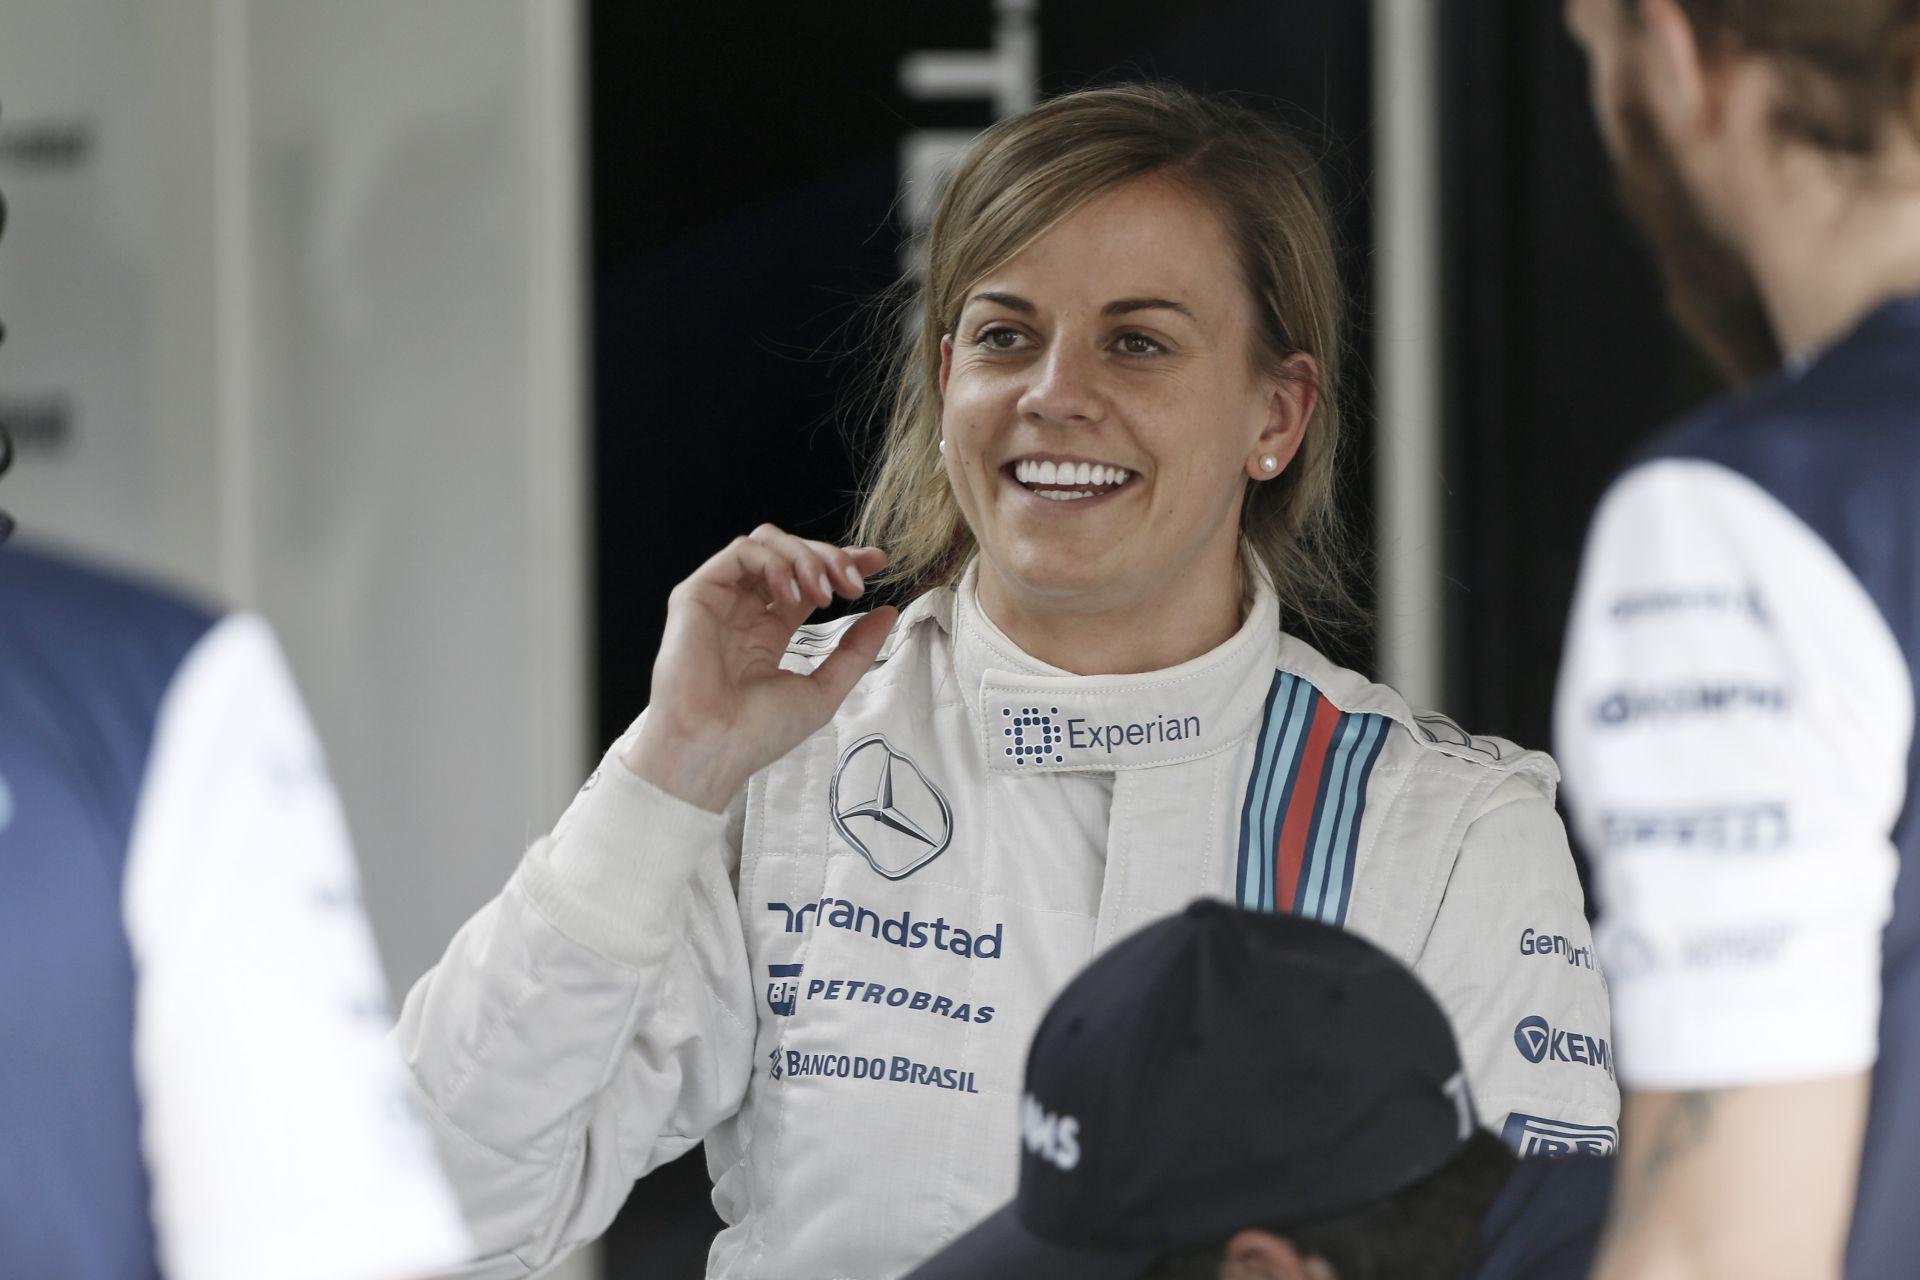 Susie Wolff napszemüvegben a Mercedes volánja mögött - menő!